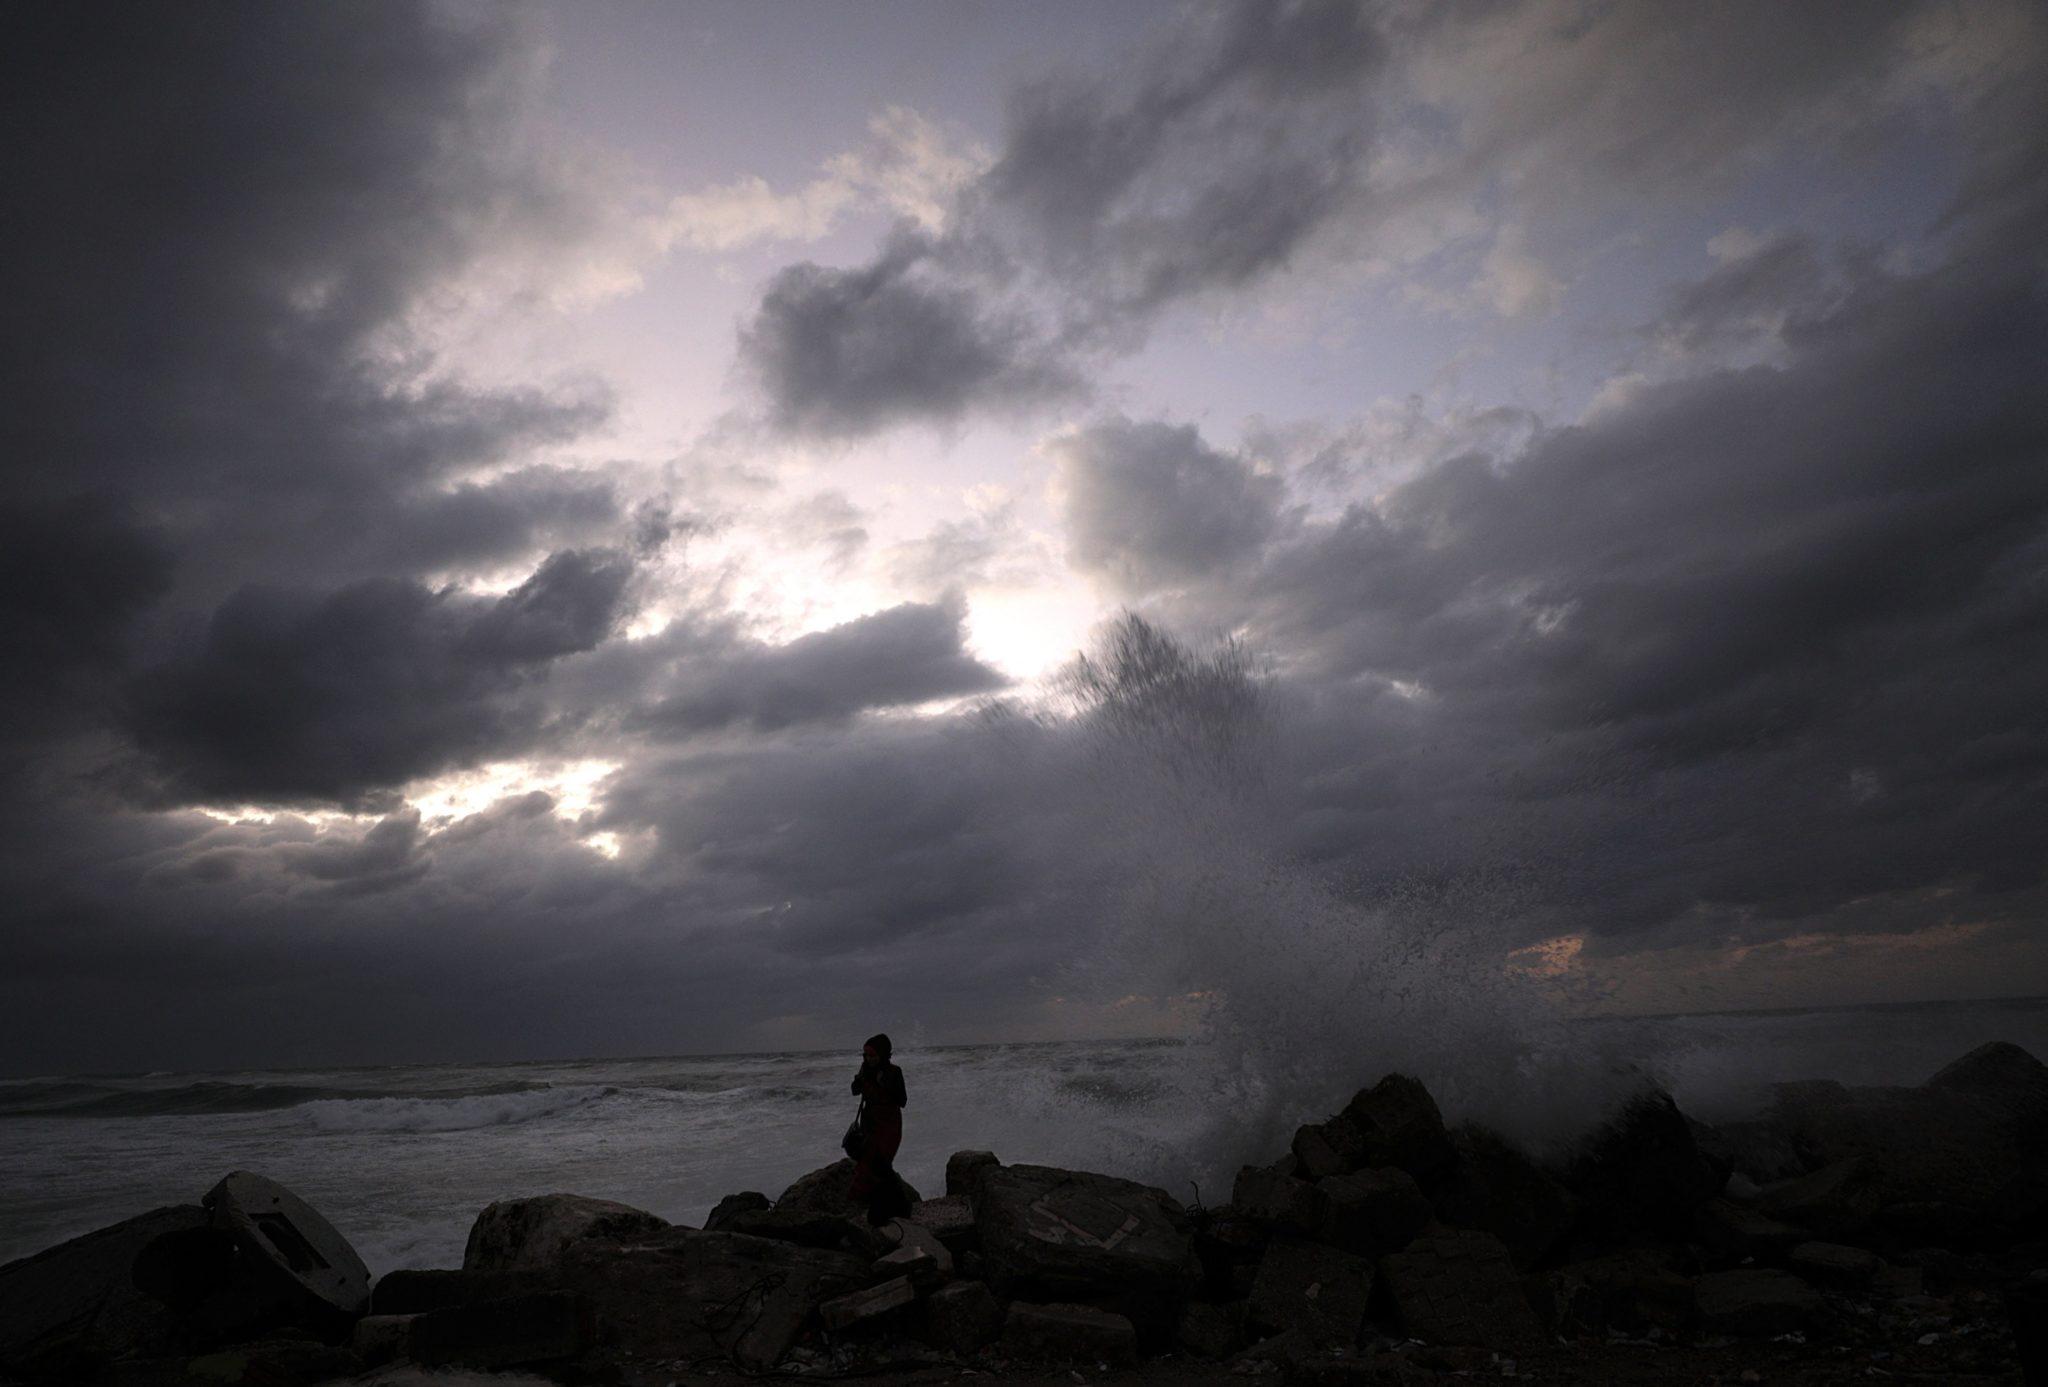 Sztormowa pogoda w Palestynie, Strefa Gazy, fot: Mohammed Saber, PAP/EPA